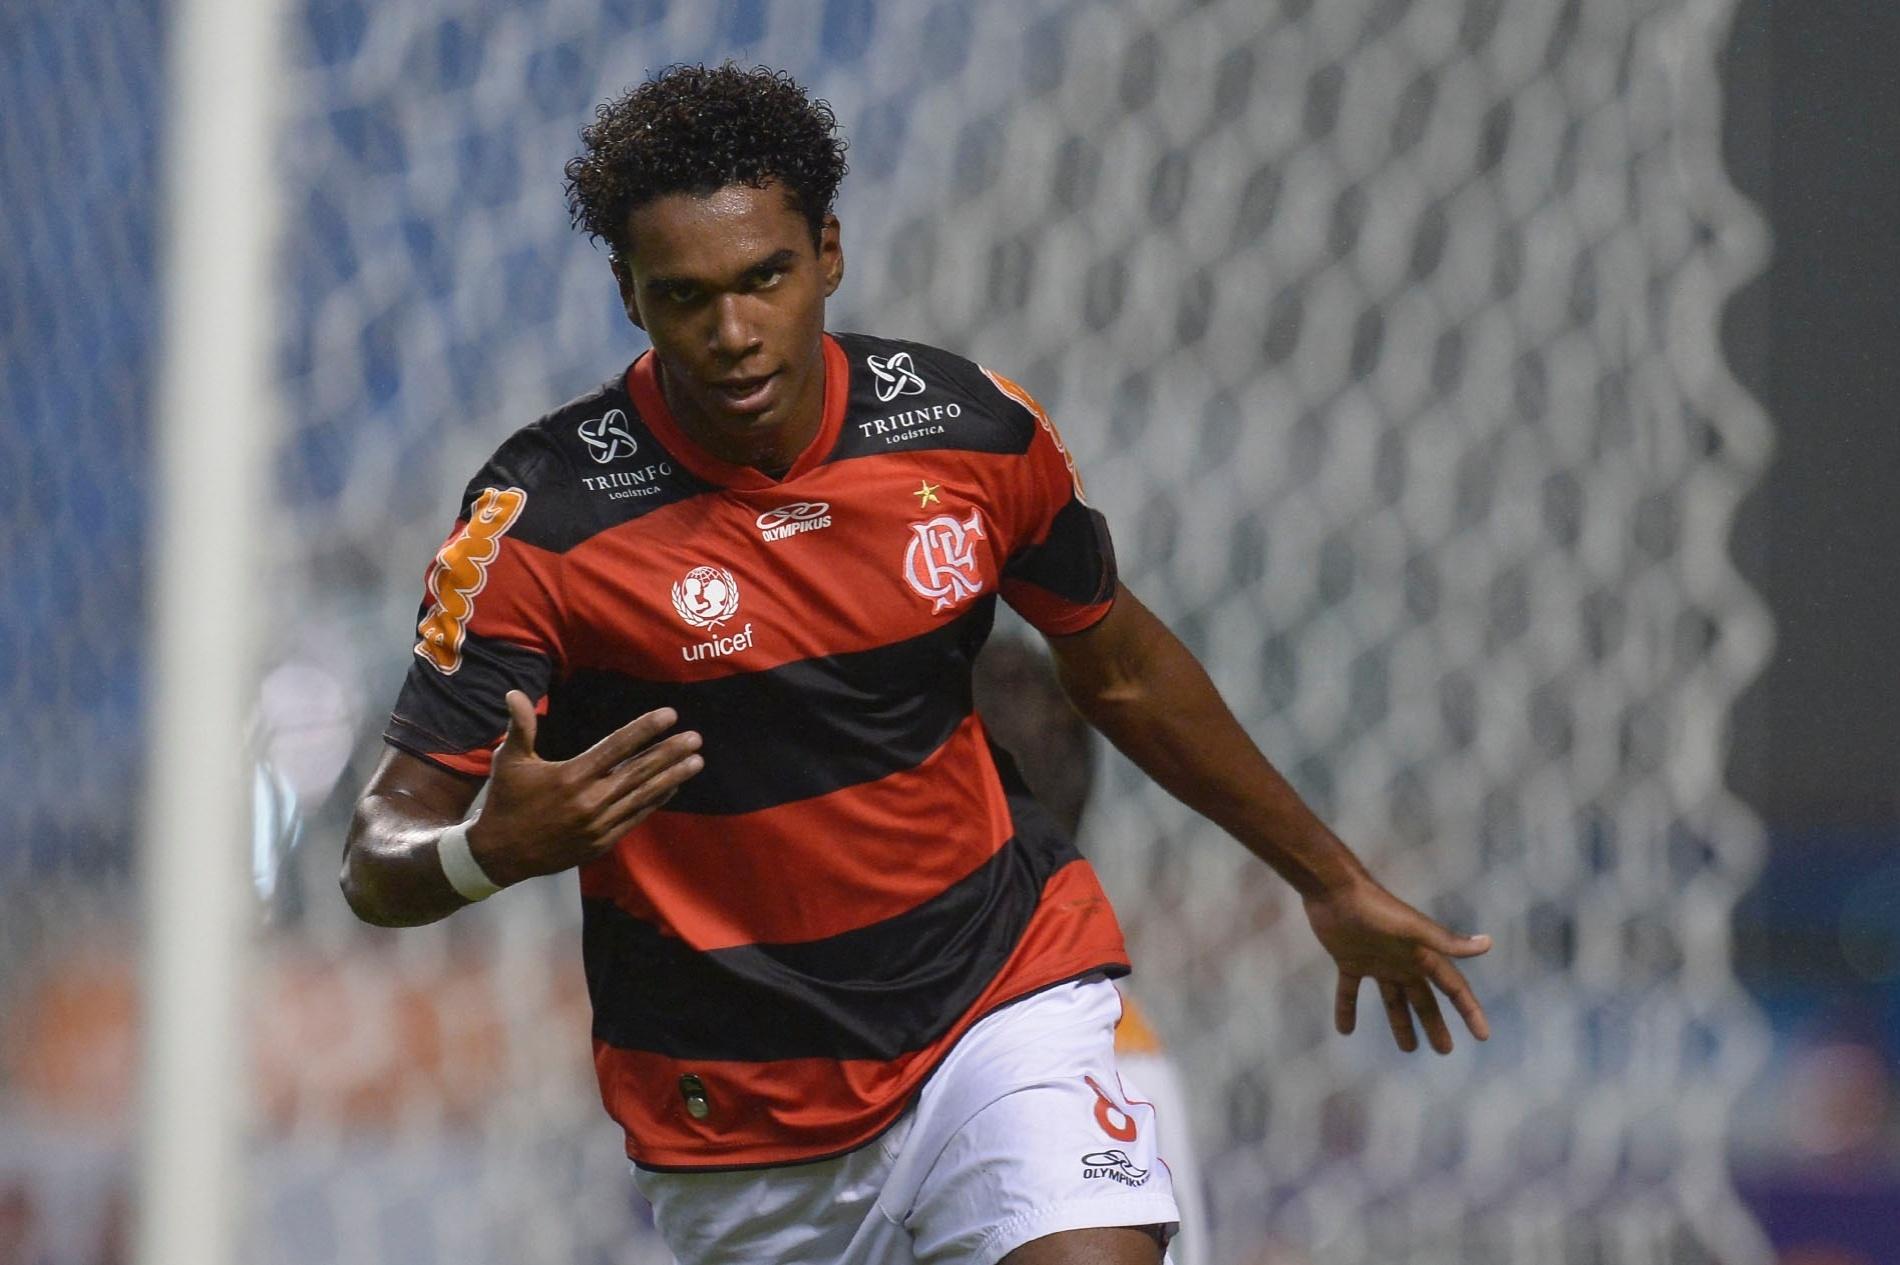 Luiz Antônio, do Flamengo, celebra após marcar diante do Coritiba pelo Campeonato Brasileiro